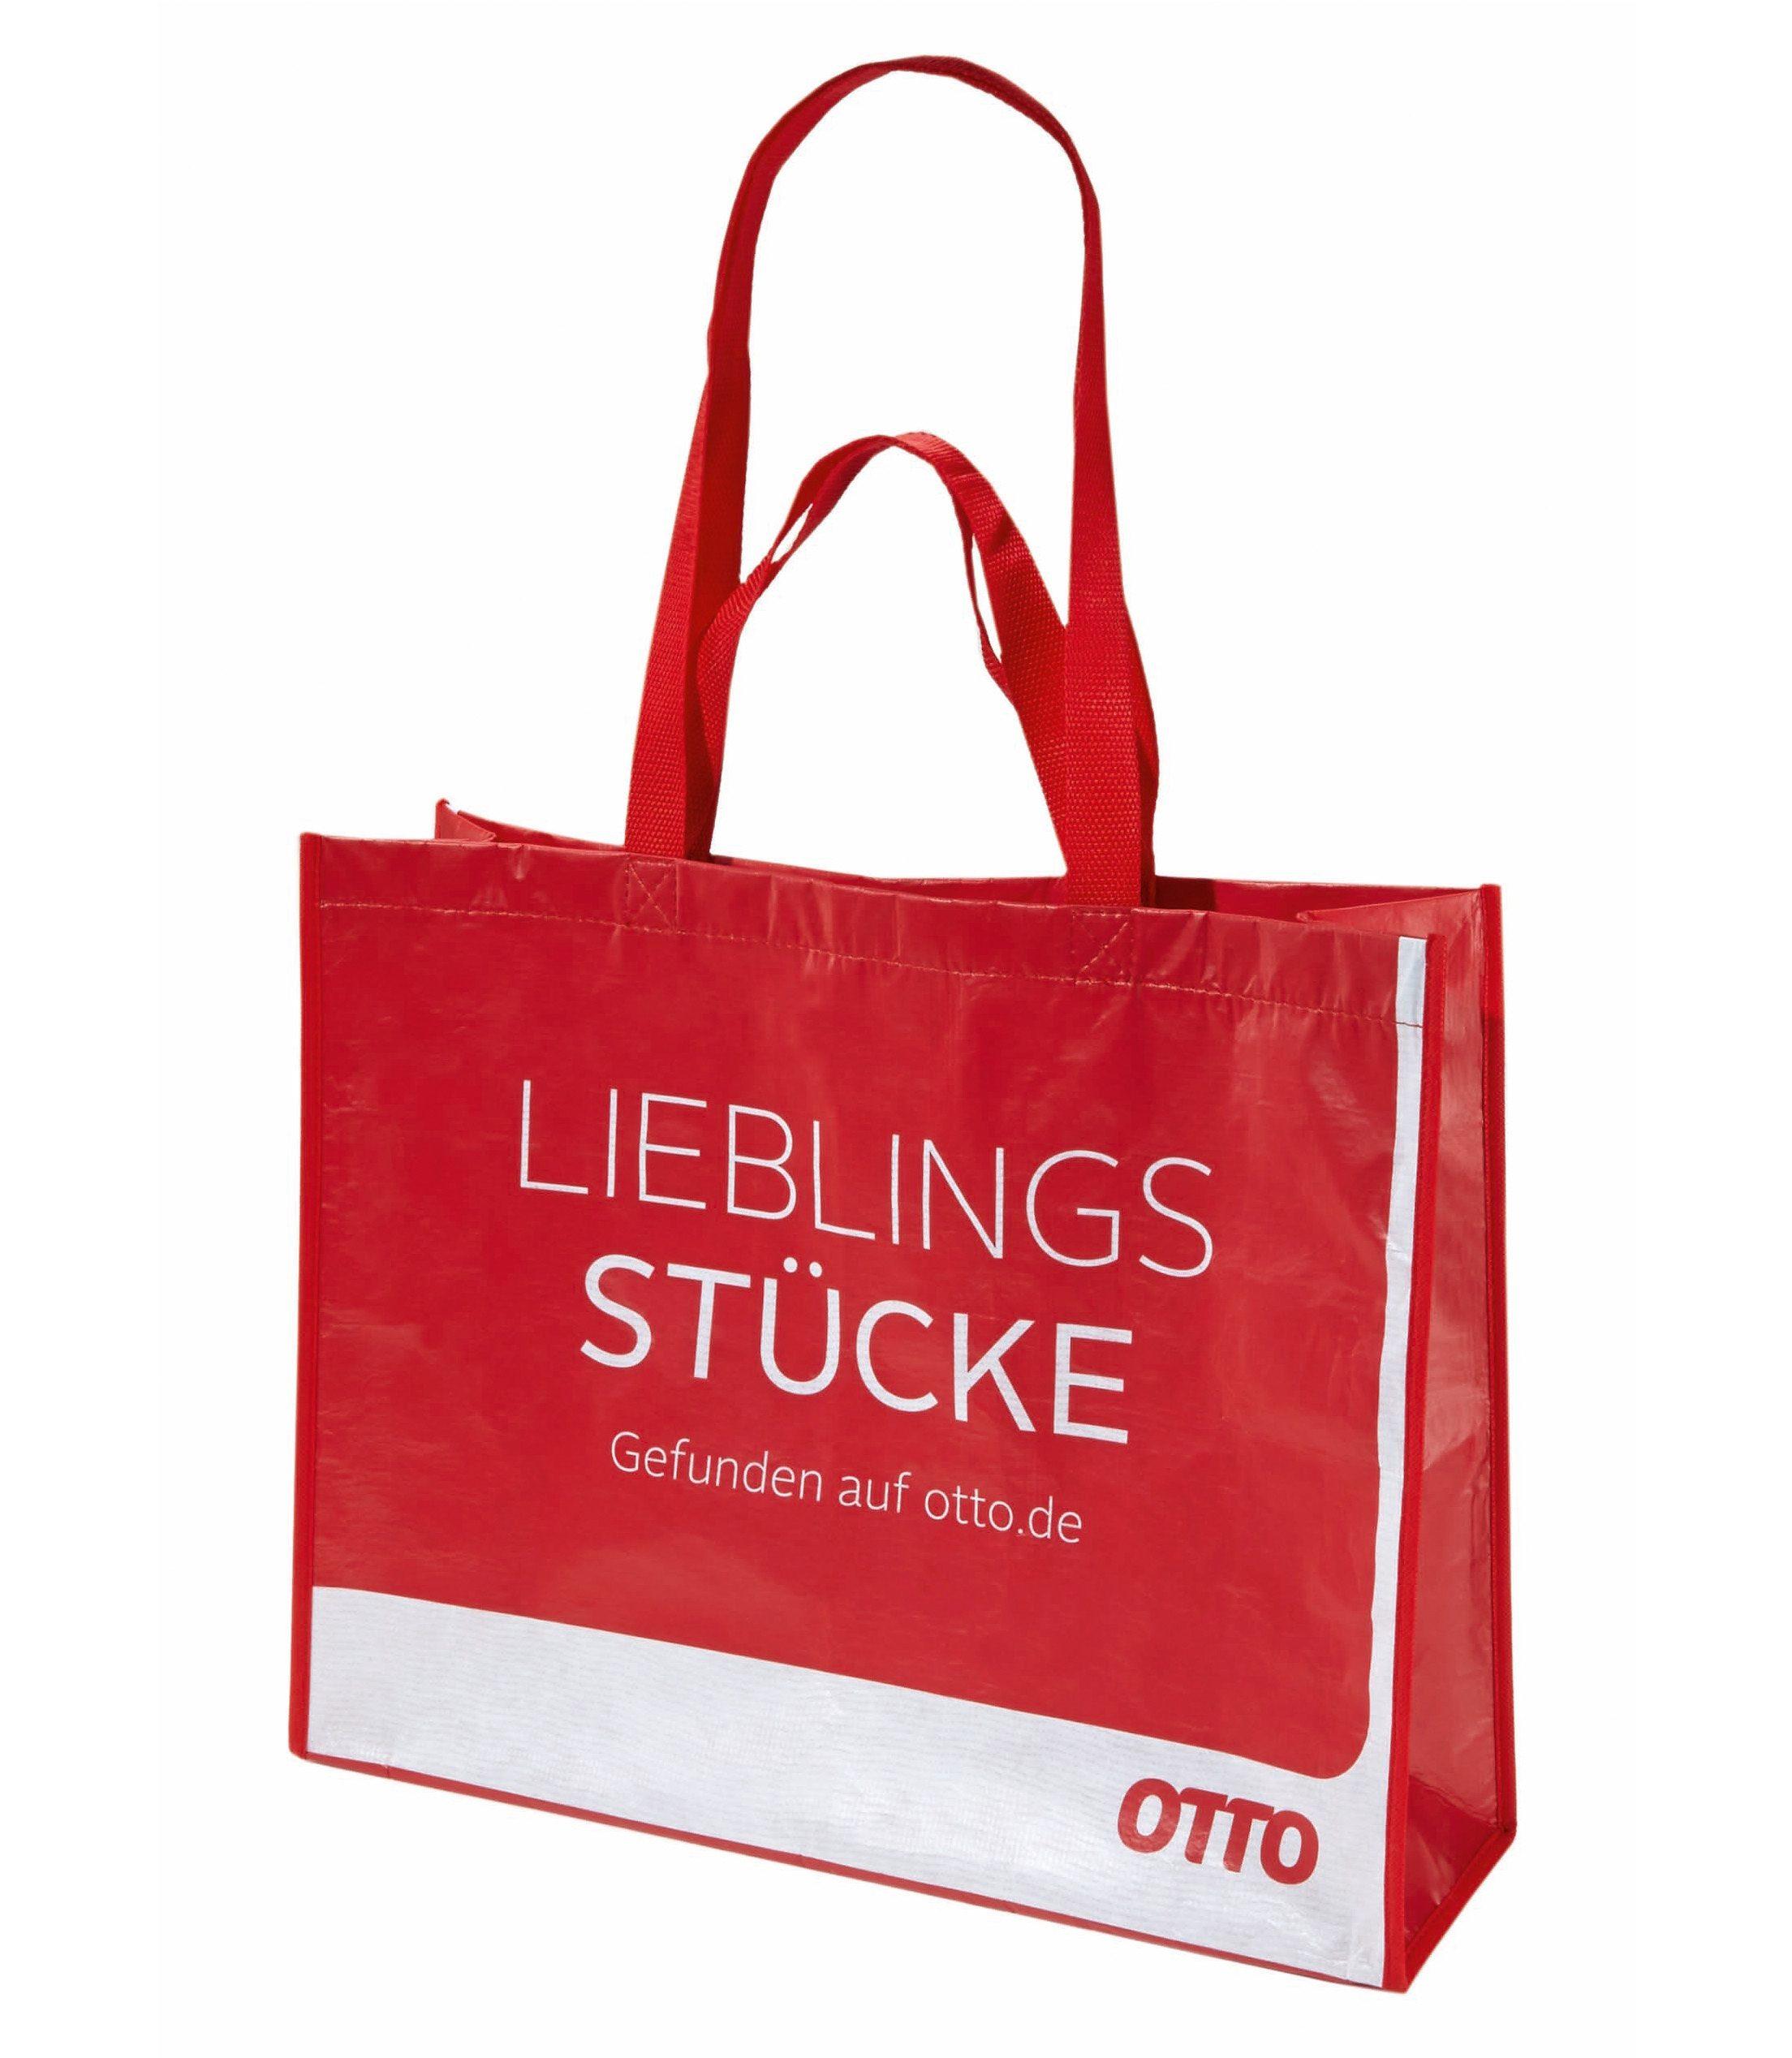 Einkaufstasche (5er-Set) aus 85% recycelten Kunststoff-Flaschen. Wasserbeständig und reißfest.